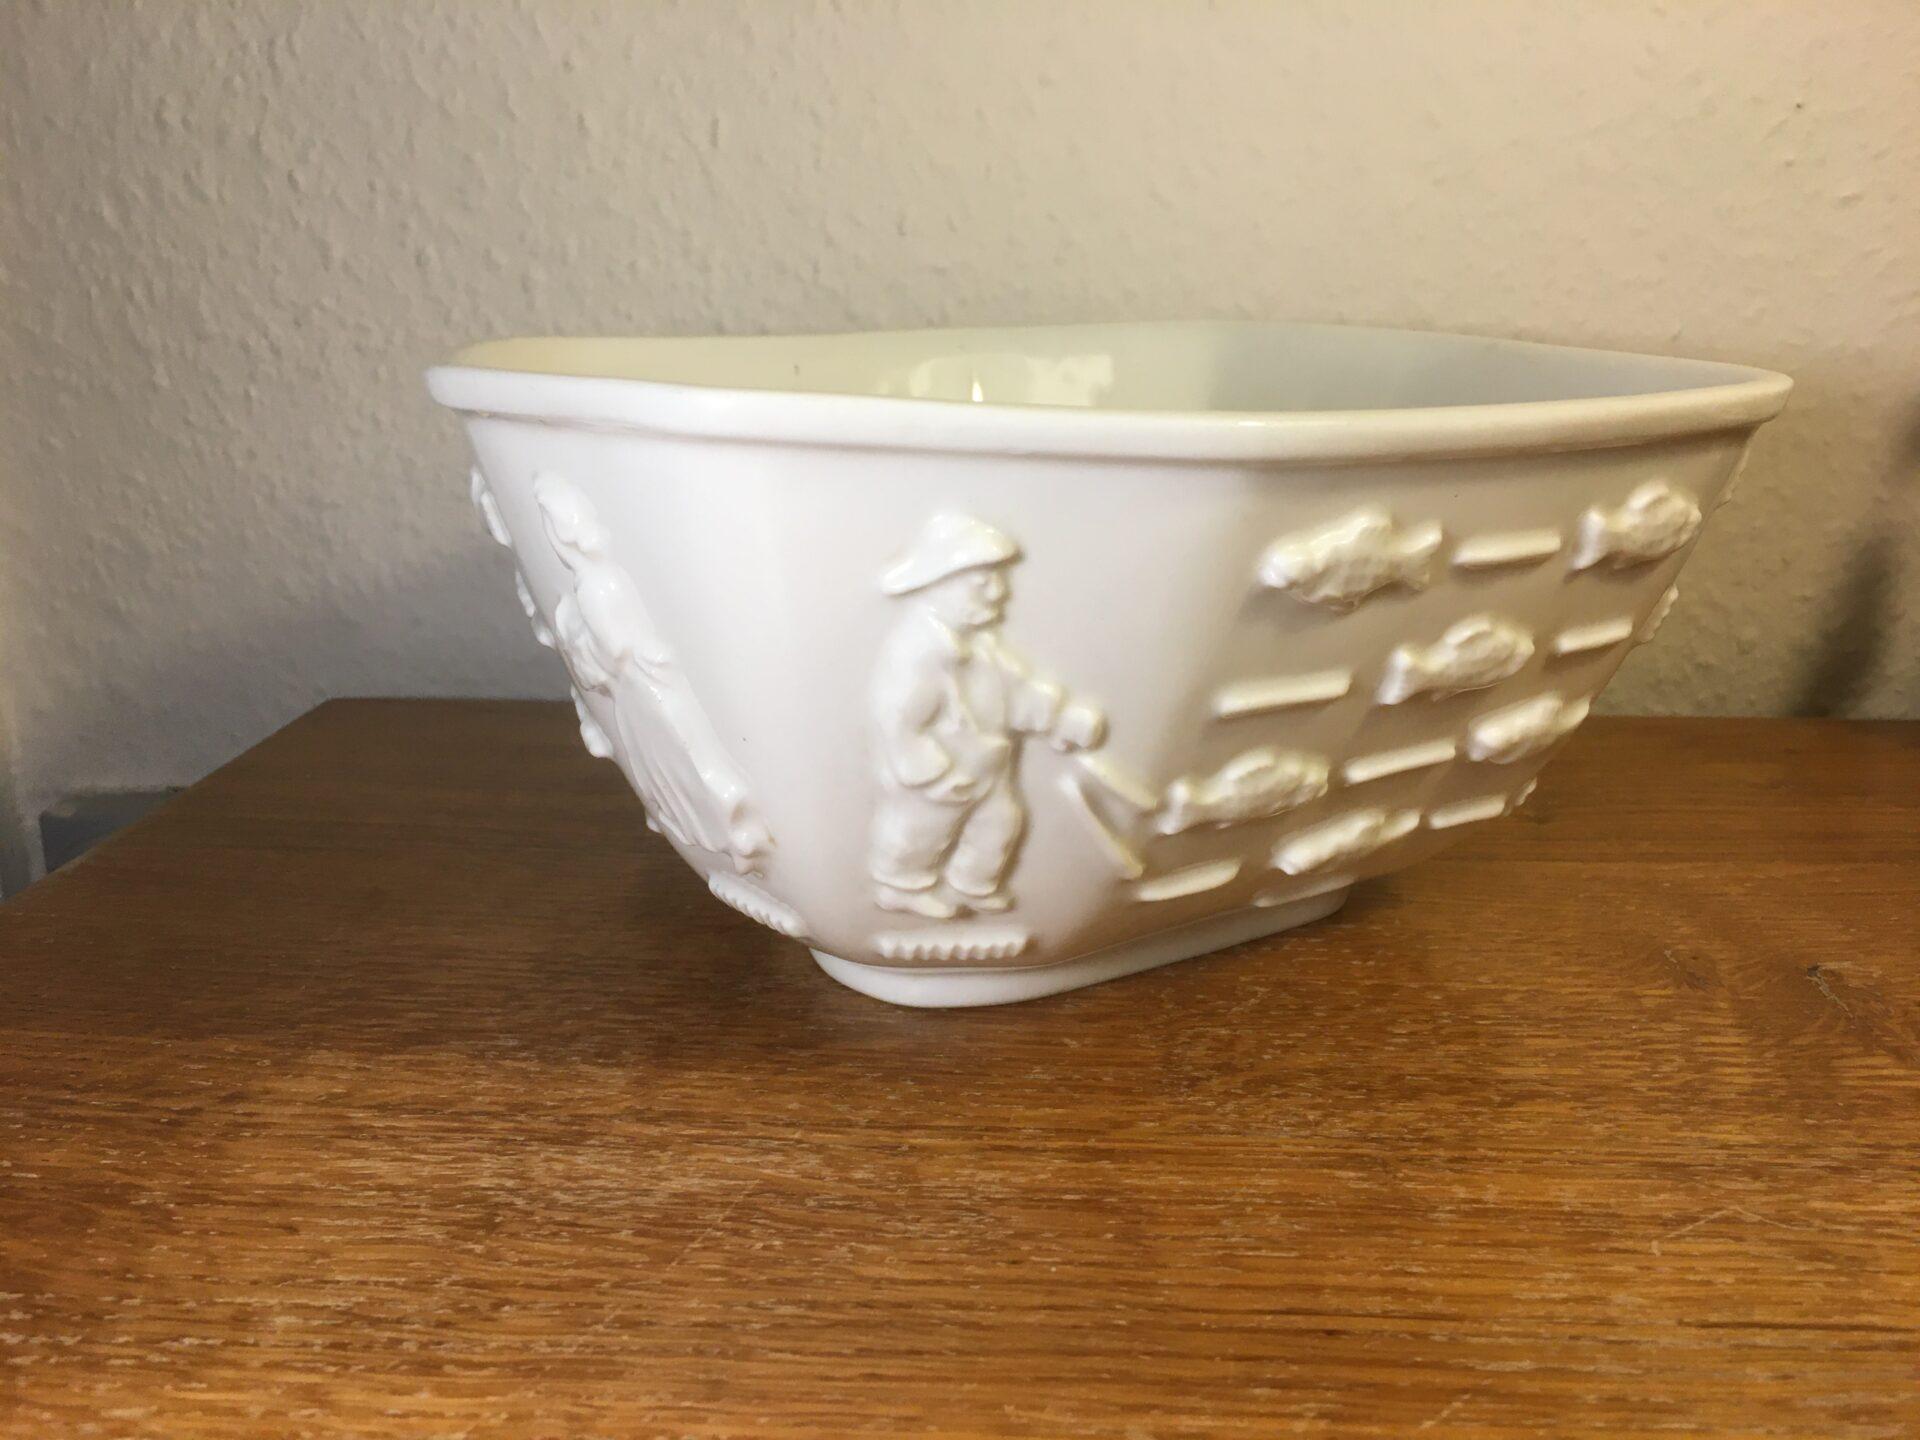 Kongelig porcelæn,nr 4085, stor asymetrisk skål med ornamentale figurer (fiskefamilie) pris 800kr